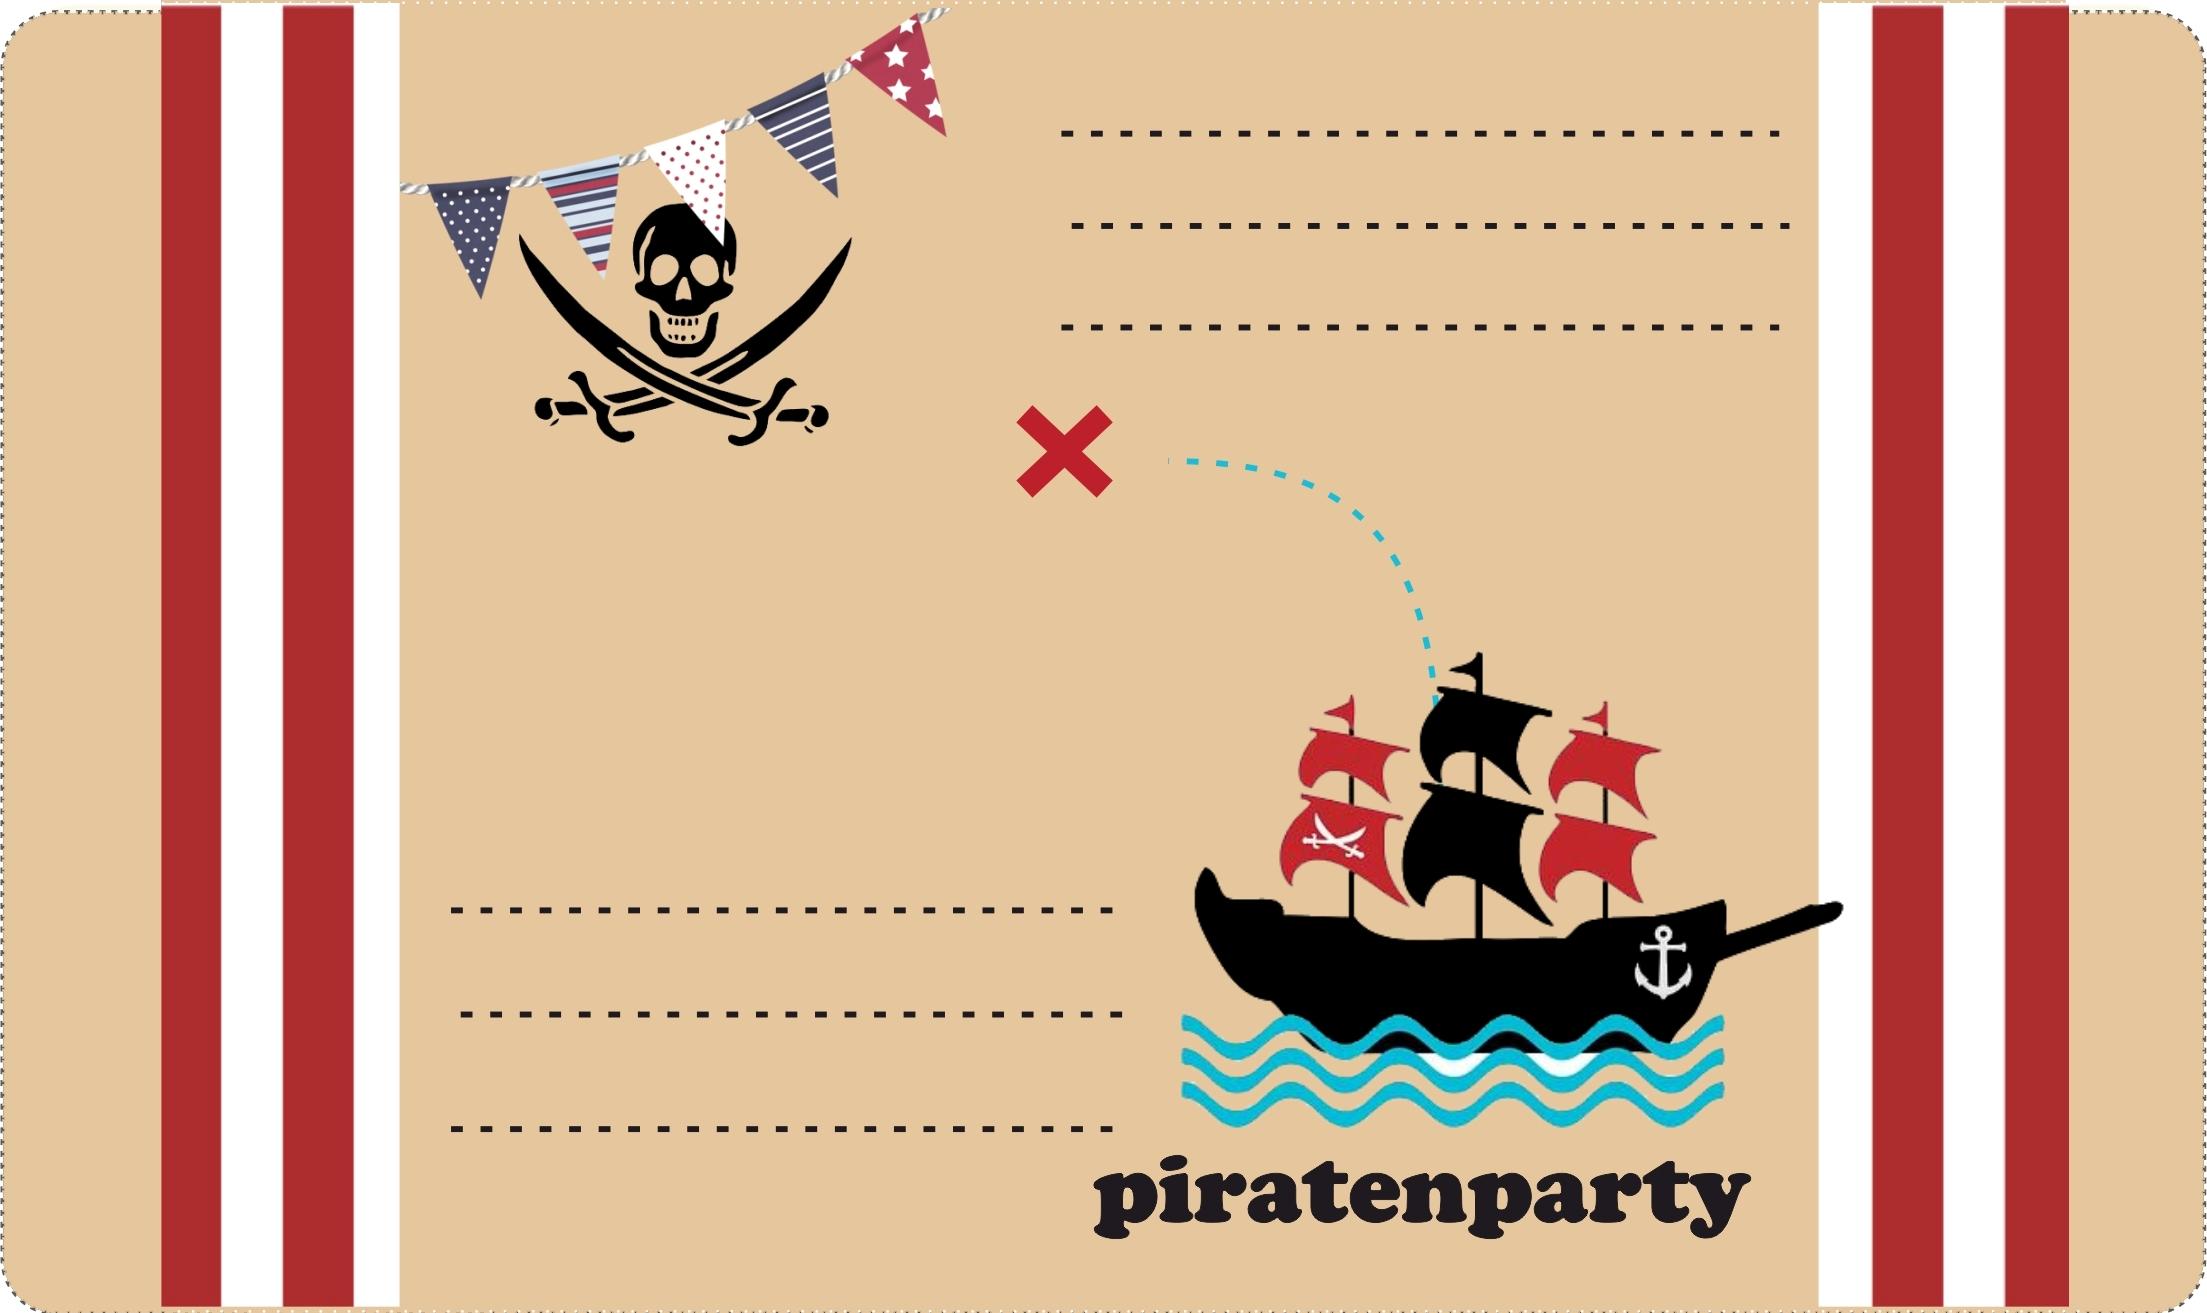 piratenparty-umschlag-schatzsuche-schnitzeljagd-partyzubehoer-kostenlos-2